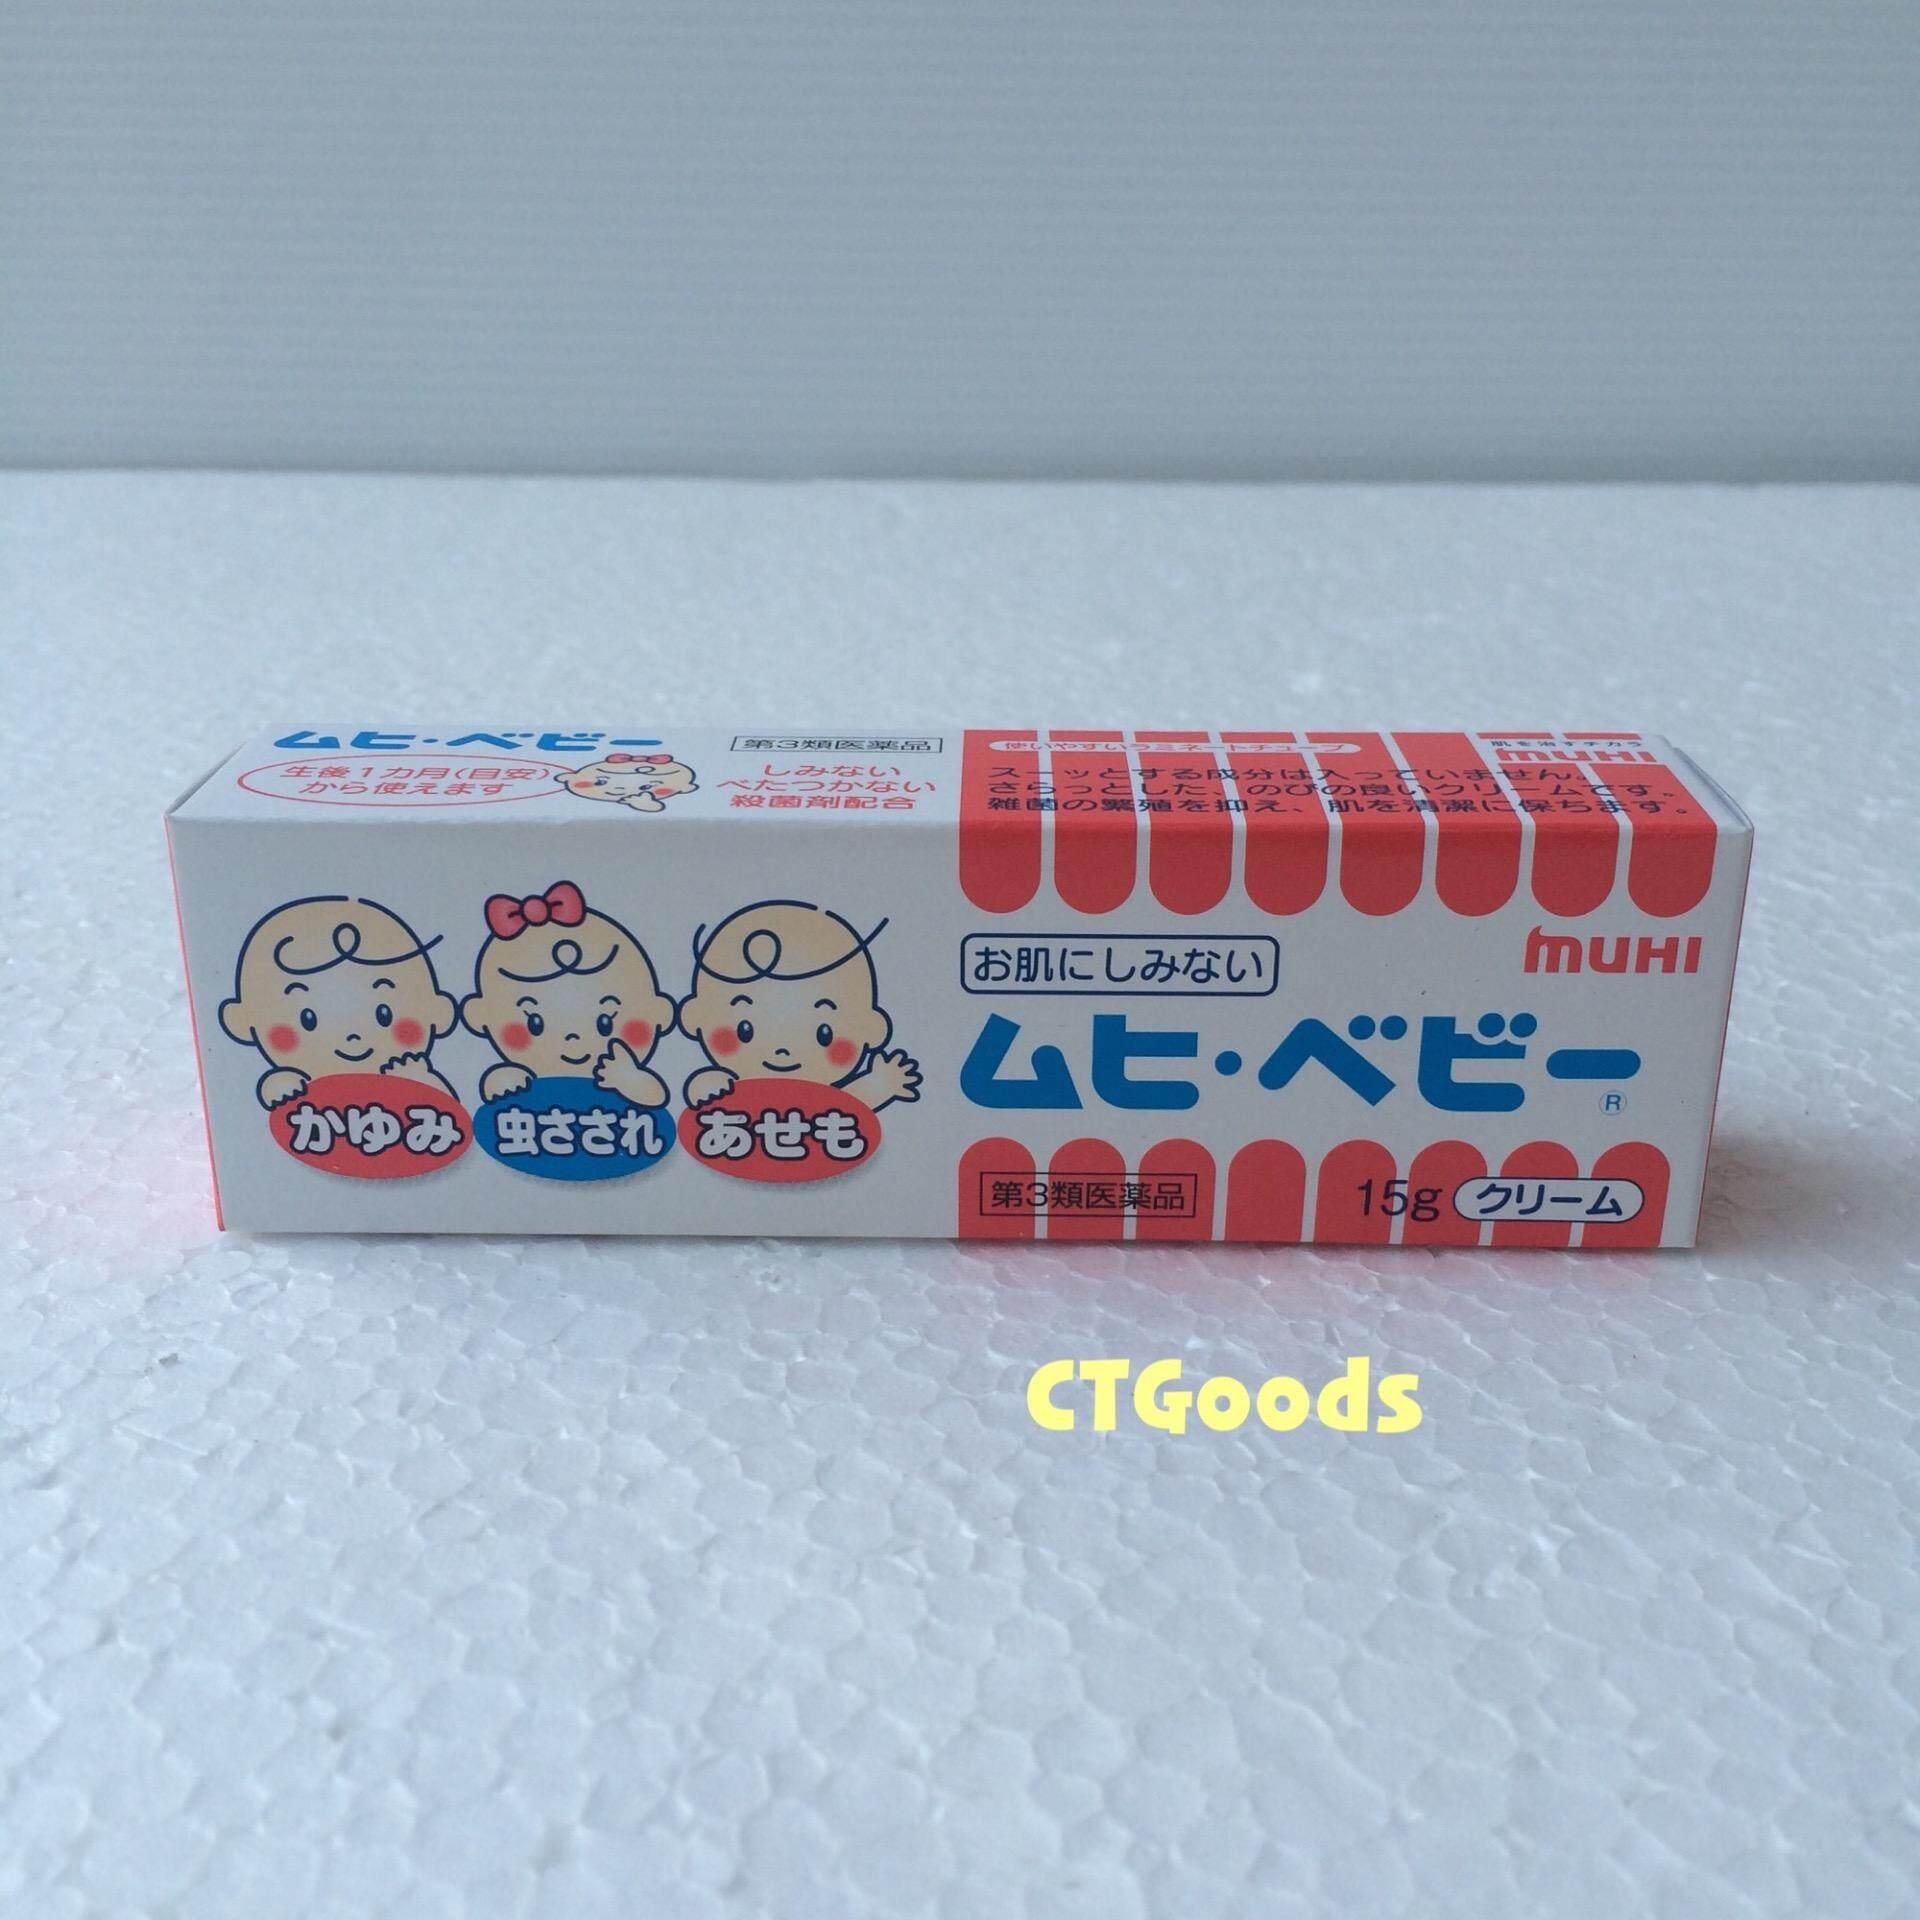 แนะนำ Muhi Baby Cream ครีมทาบรรเทาอาการแผลยุงกัด และแมลงกัดต่อย ยอดนิยมจากญี่ปุ่น ขนาด 15 กรัม จำนวน 1 หลอด